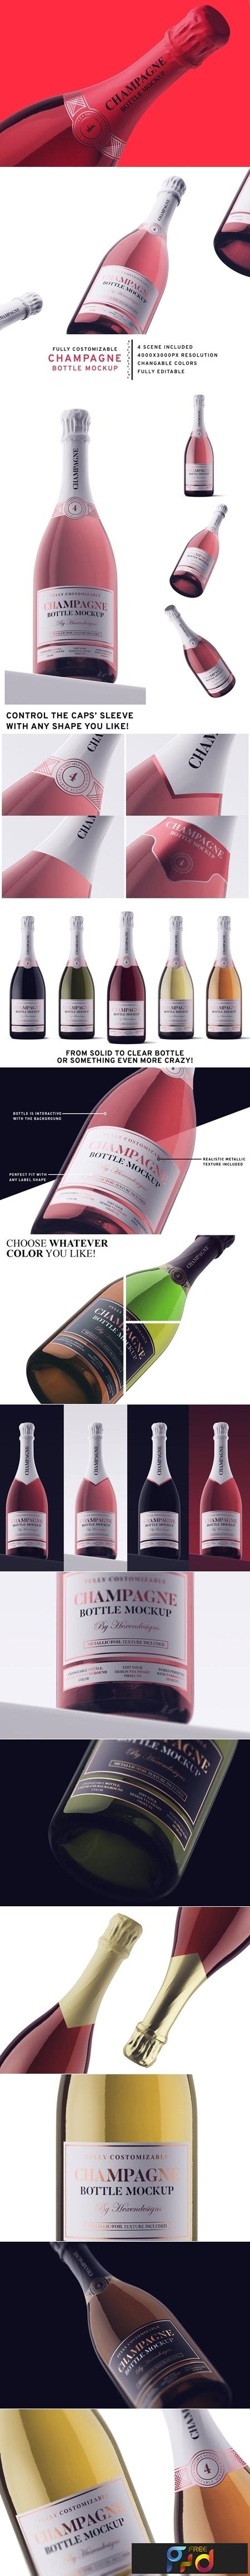 Champagne Bottle Mockup 3715822 1